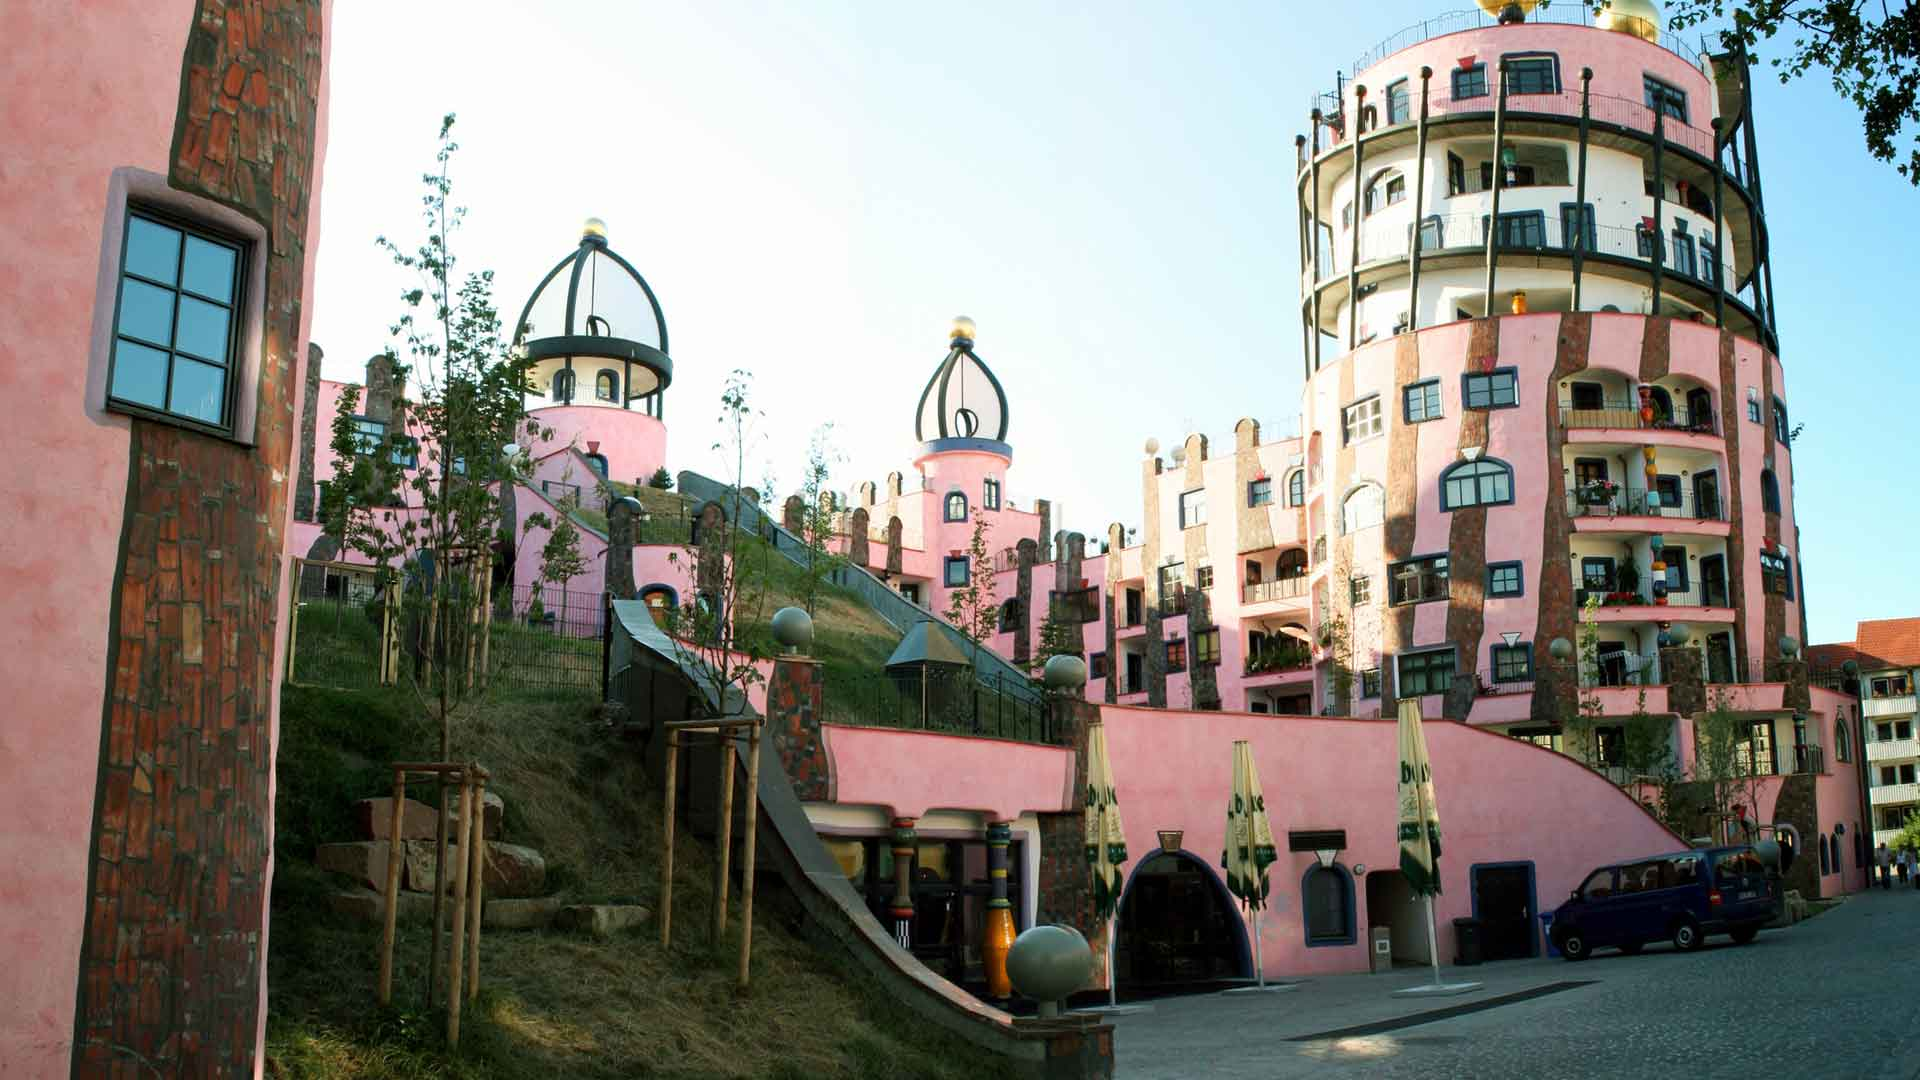 Die Grüne Zitadelle in Magdeburg van de architect Hundertwasser trekt veel bekijks.